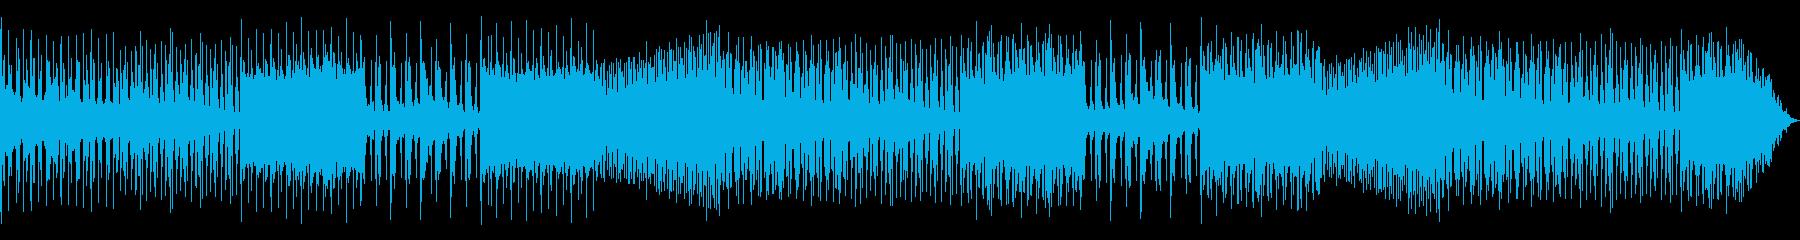 曲者 関わると厄介 猛毒の再生済みの波形